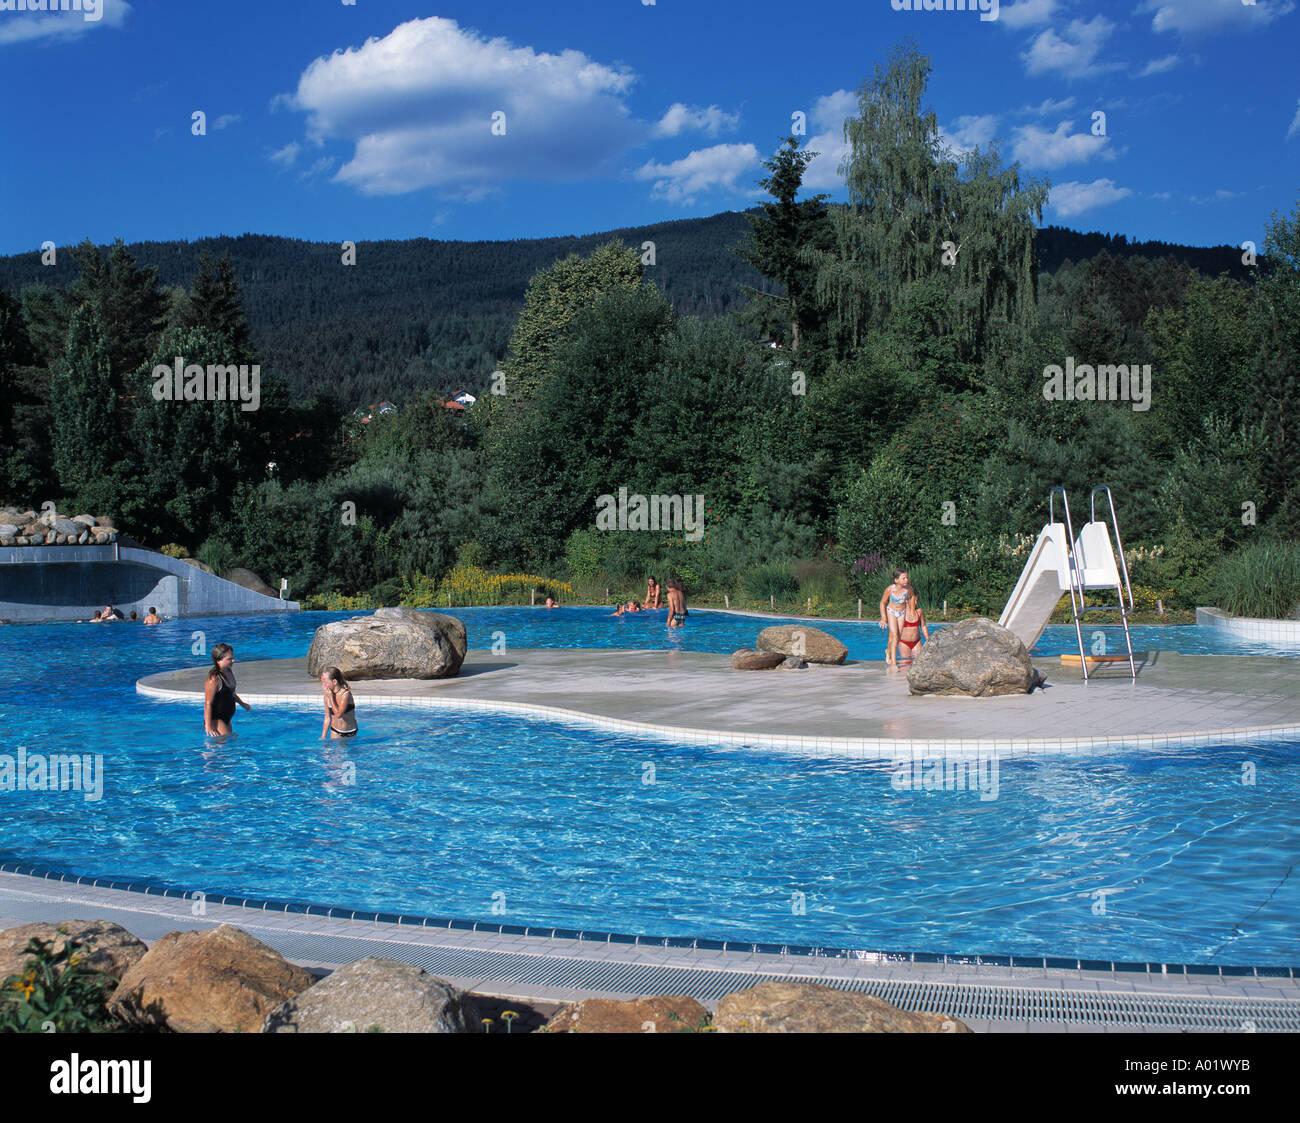 Kurparkbad Badeanstalt In Einer Waldlandschaft Freibad Schwimmbad